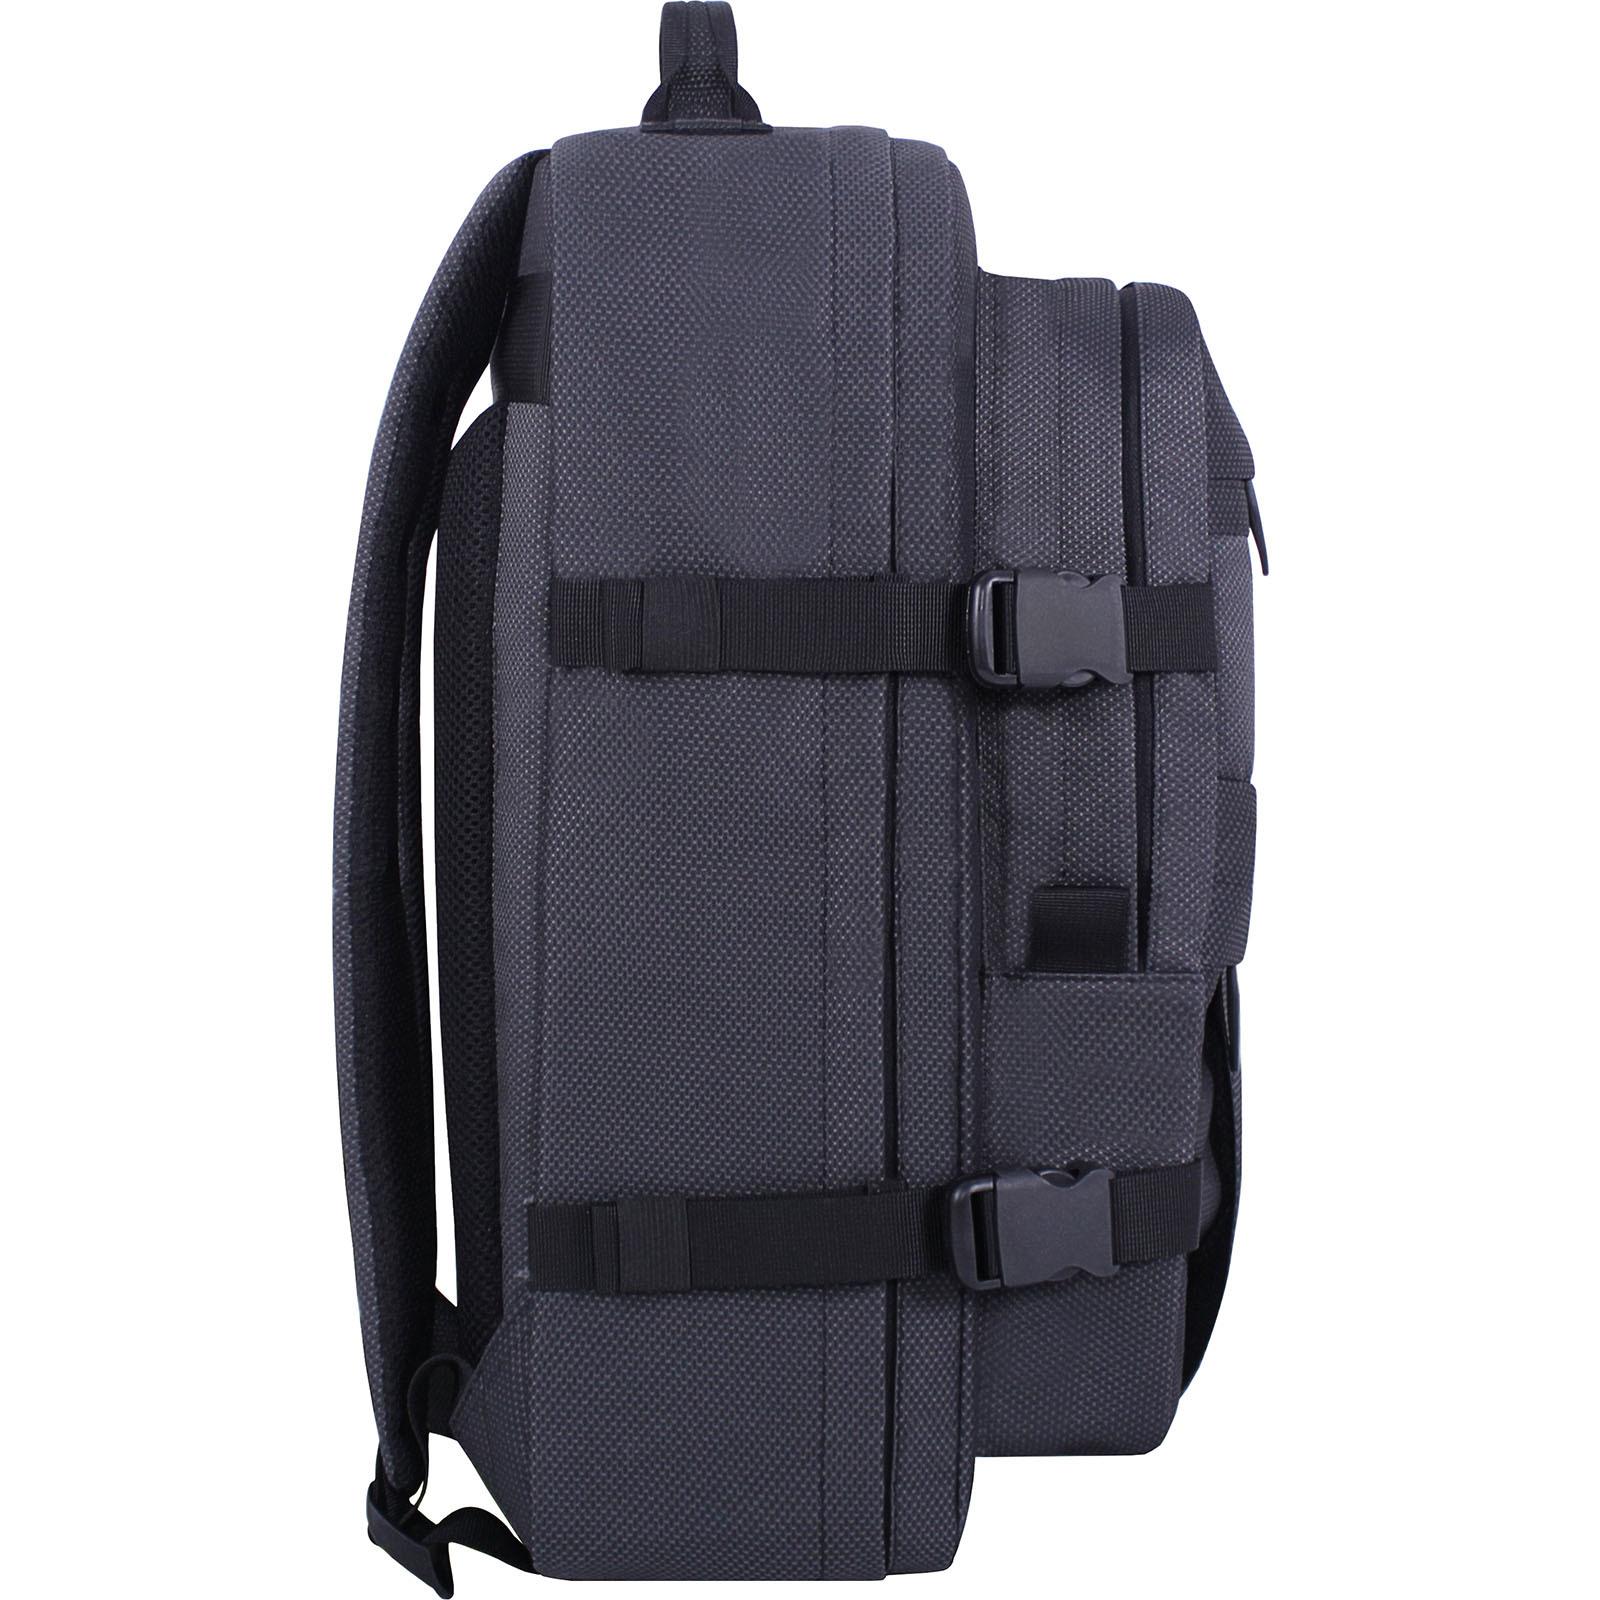 Рюкзак для ноутбука Bagland Jasper 19 л. Чёрный (00155169) фото 2